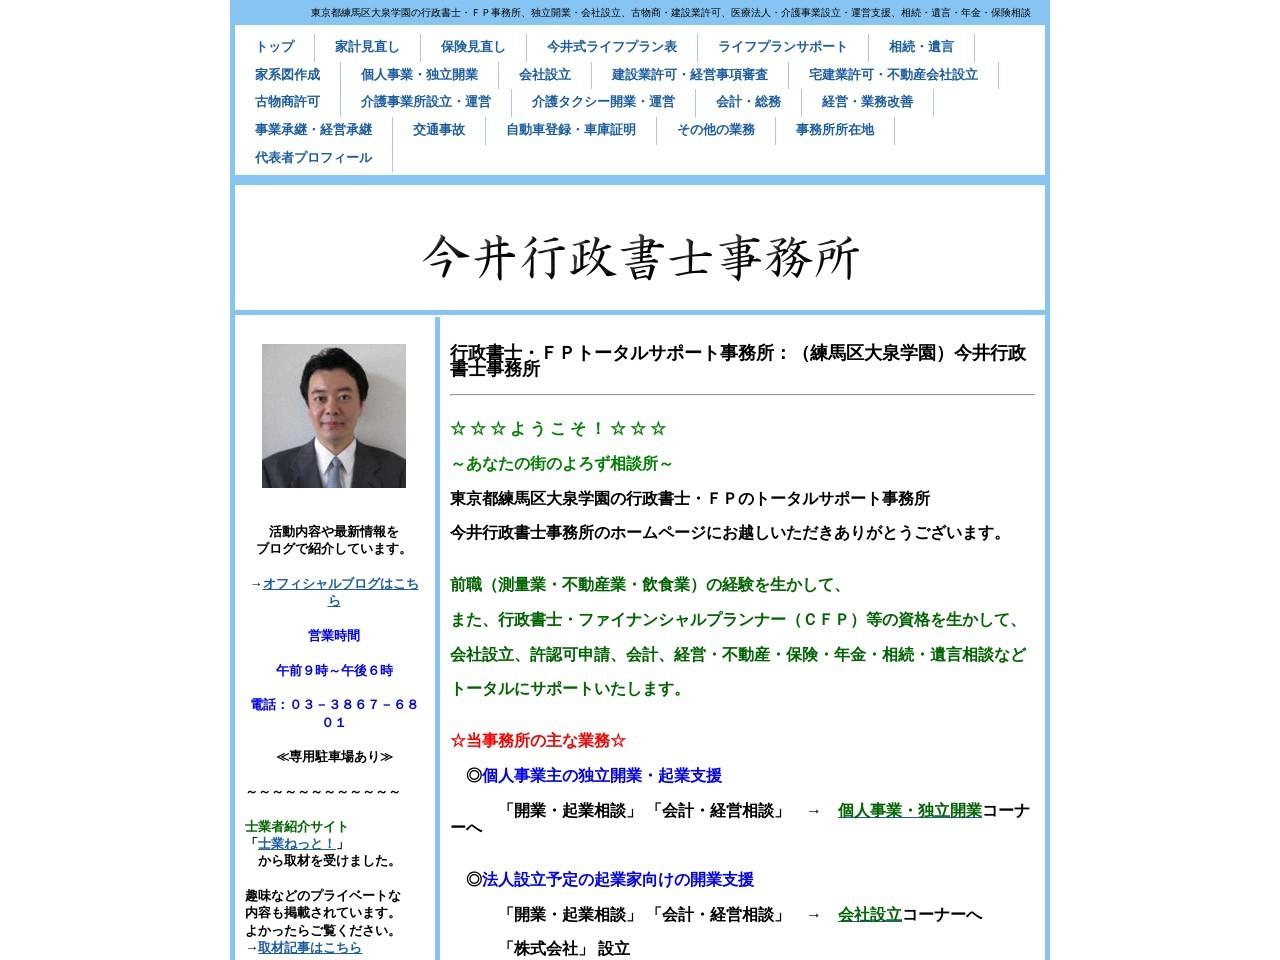 今井行政書士事務所